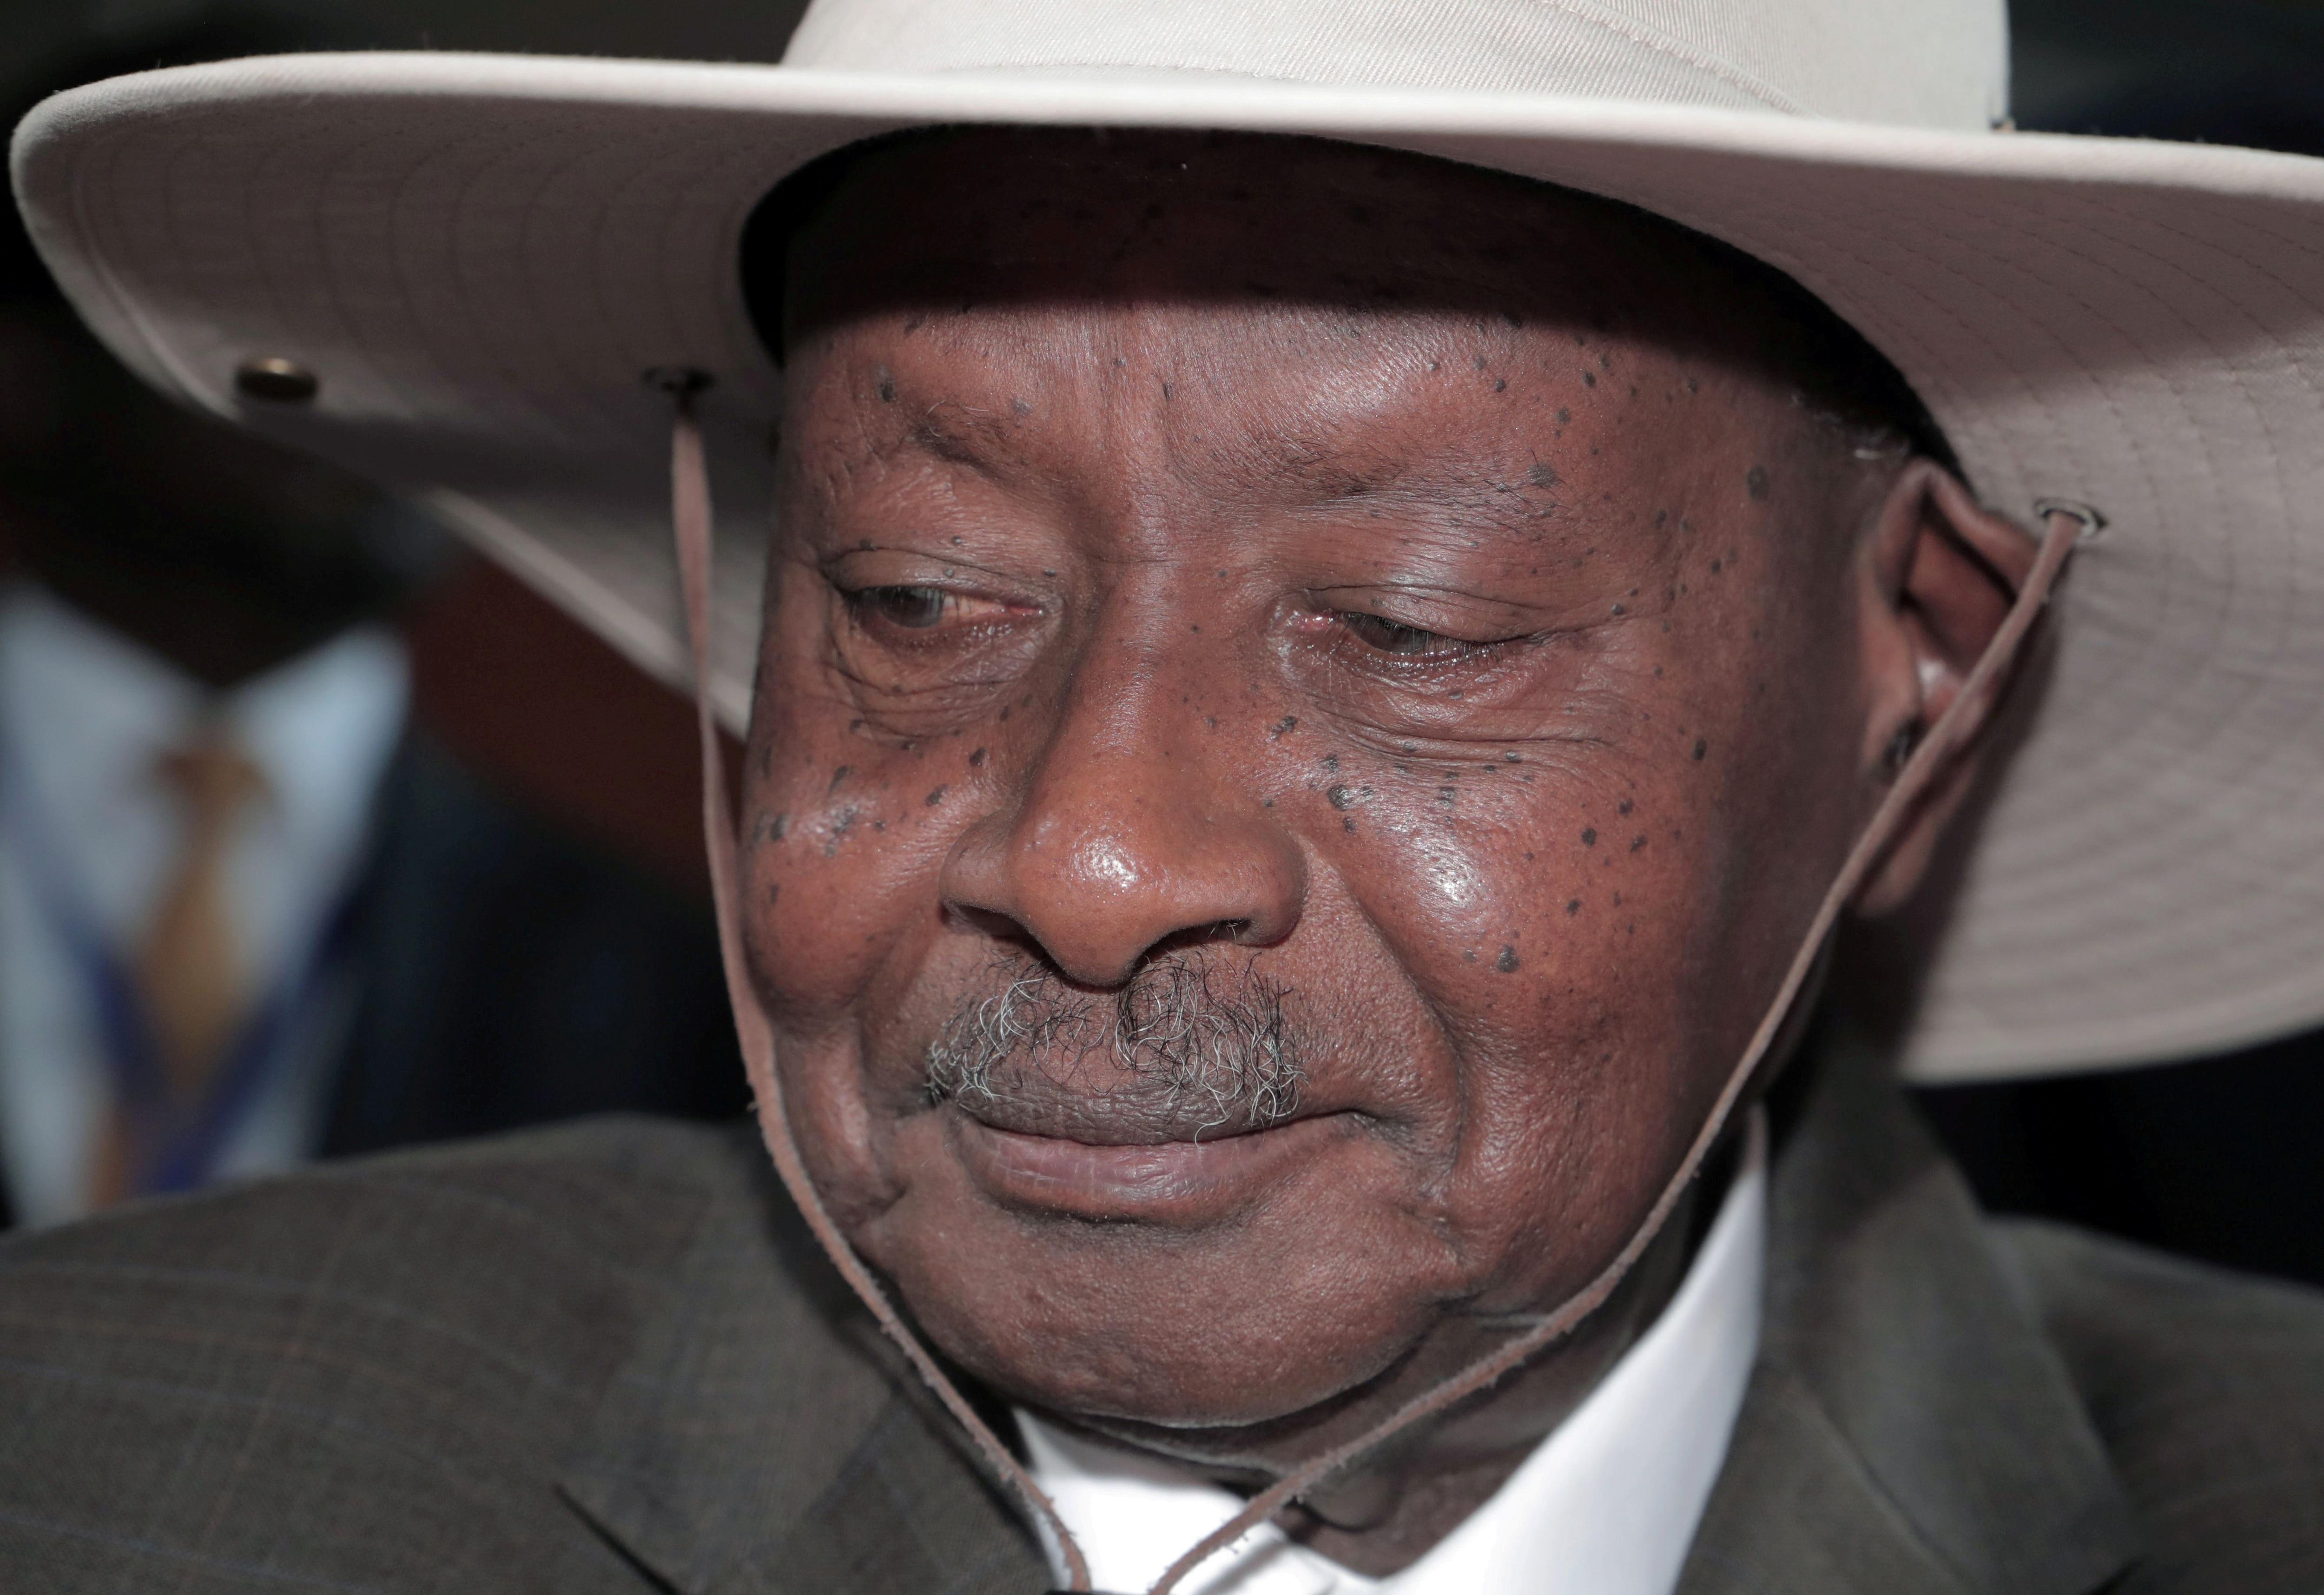 El presidente de Uganda, Yoweri Museveni, llega a la apertura de la 33ª Sesión Ordinaria de la Asamblea de Jefes de Estado y de Gobierno de la Unión Africana (UA) en Addis Abeba, Etiopía, el 9 de febrero de 2020 (REUTERS/Tiksa Negeri/File Photo)